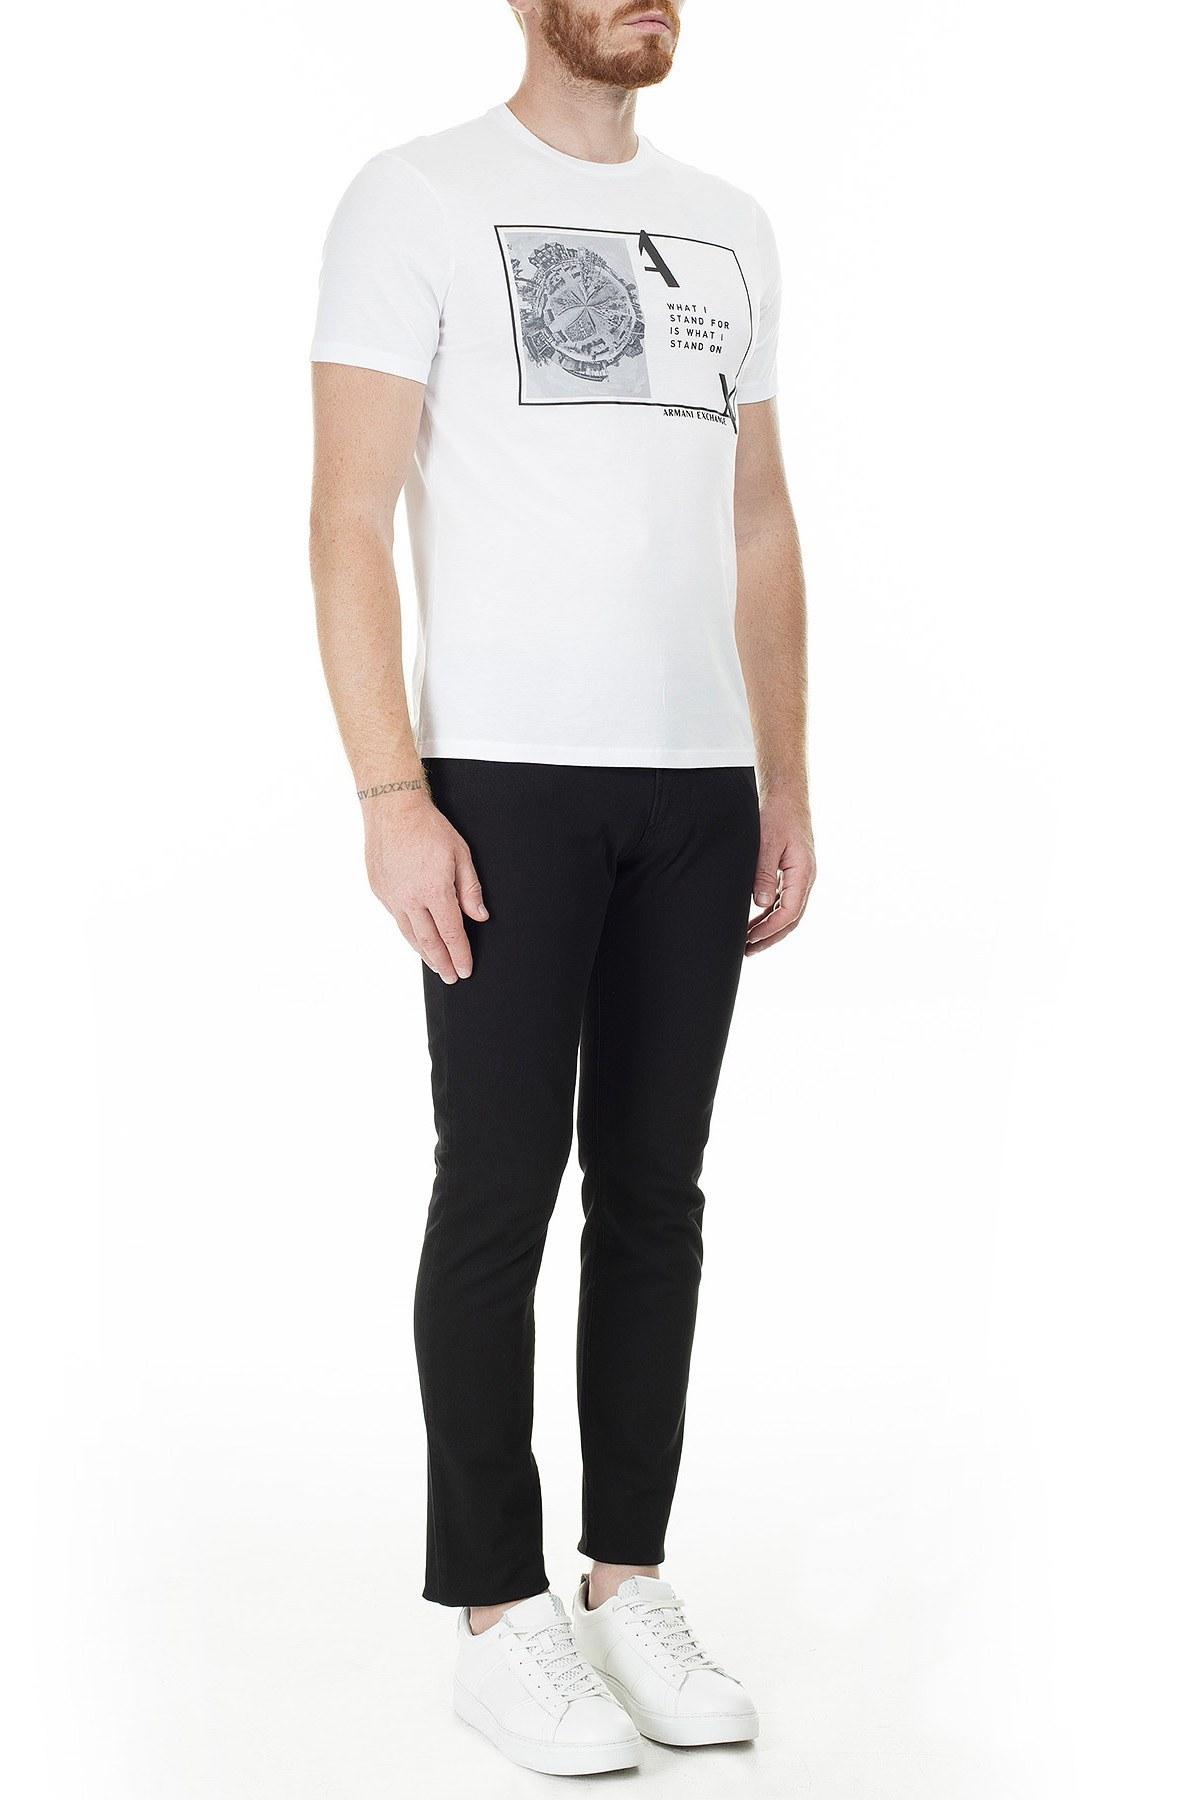 Emporio Armani J06 Jeans Slim Fit Erkek Pamuklu Pantolon 3H1J06 1N8XZ 0999 SİYAH